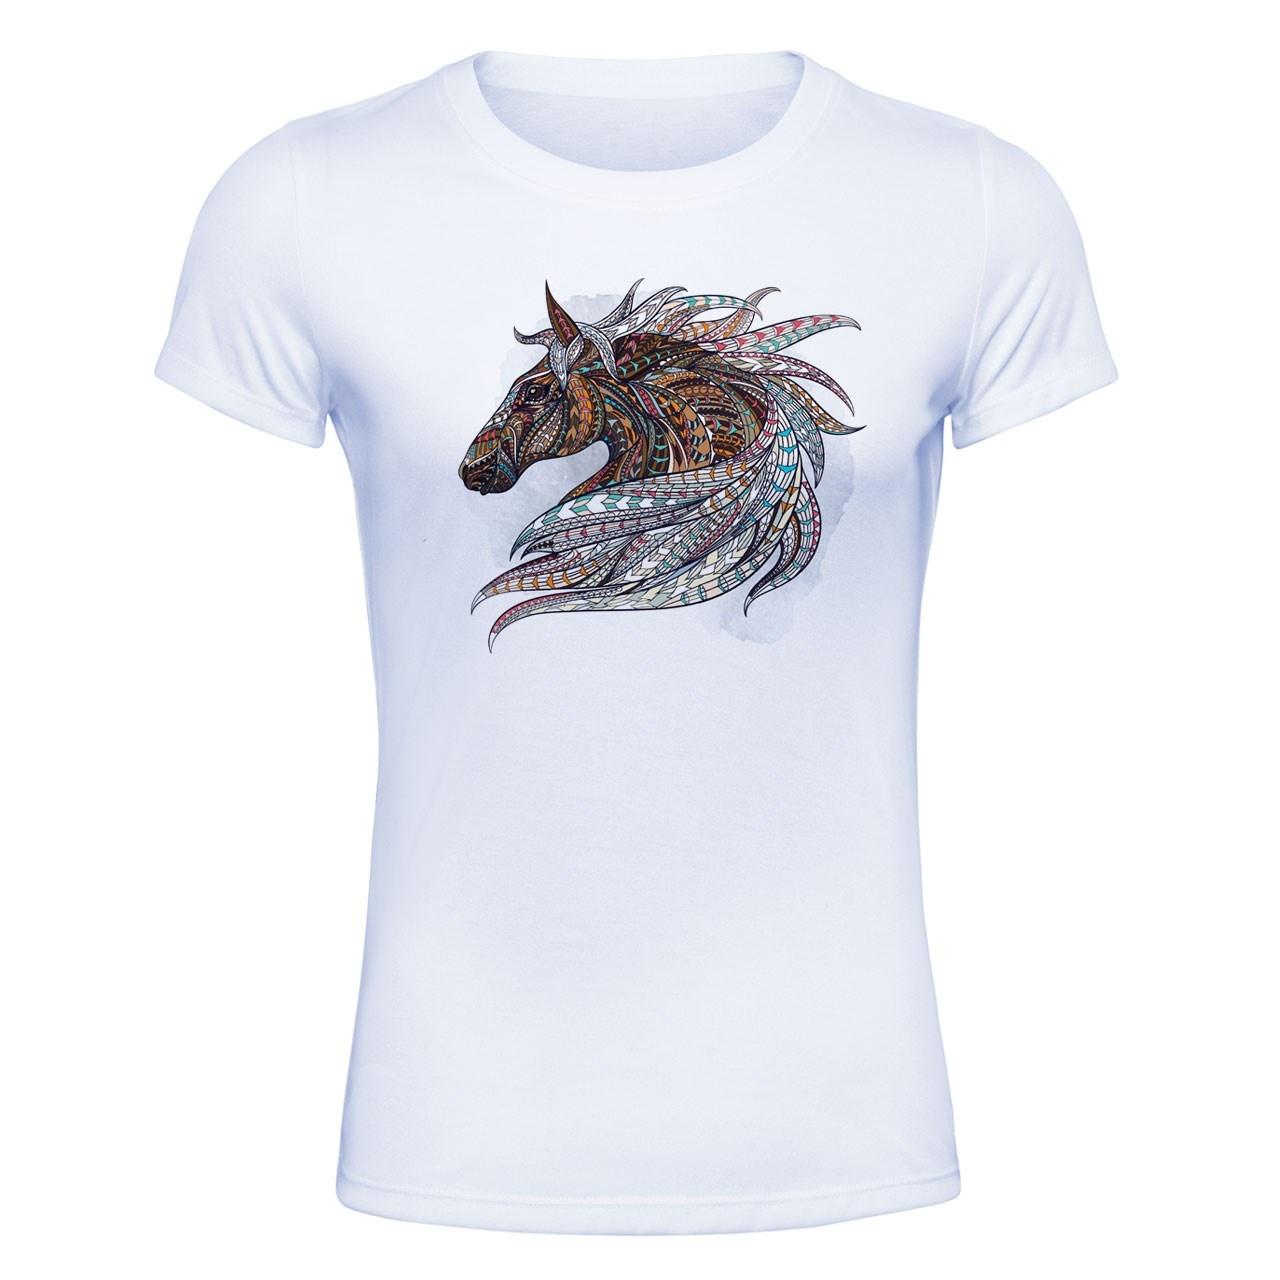 تیشرت آستین کوتاه زنانه الینور طرح اسب مدل ETZ05